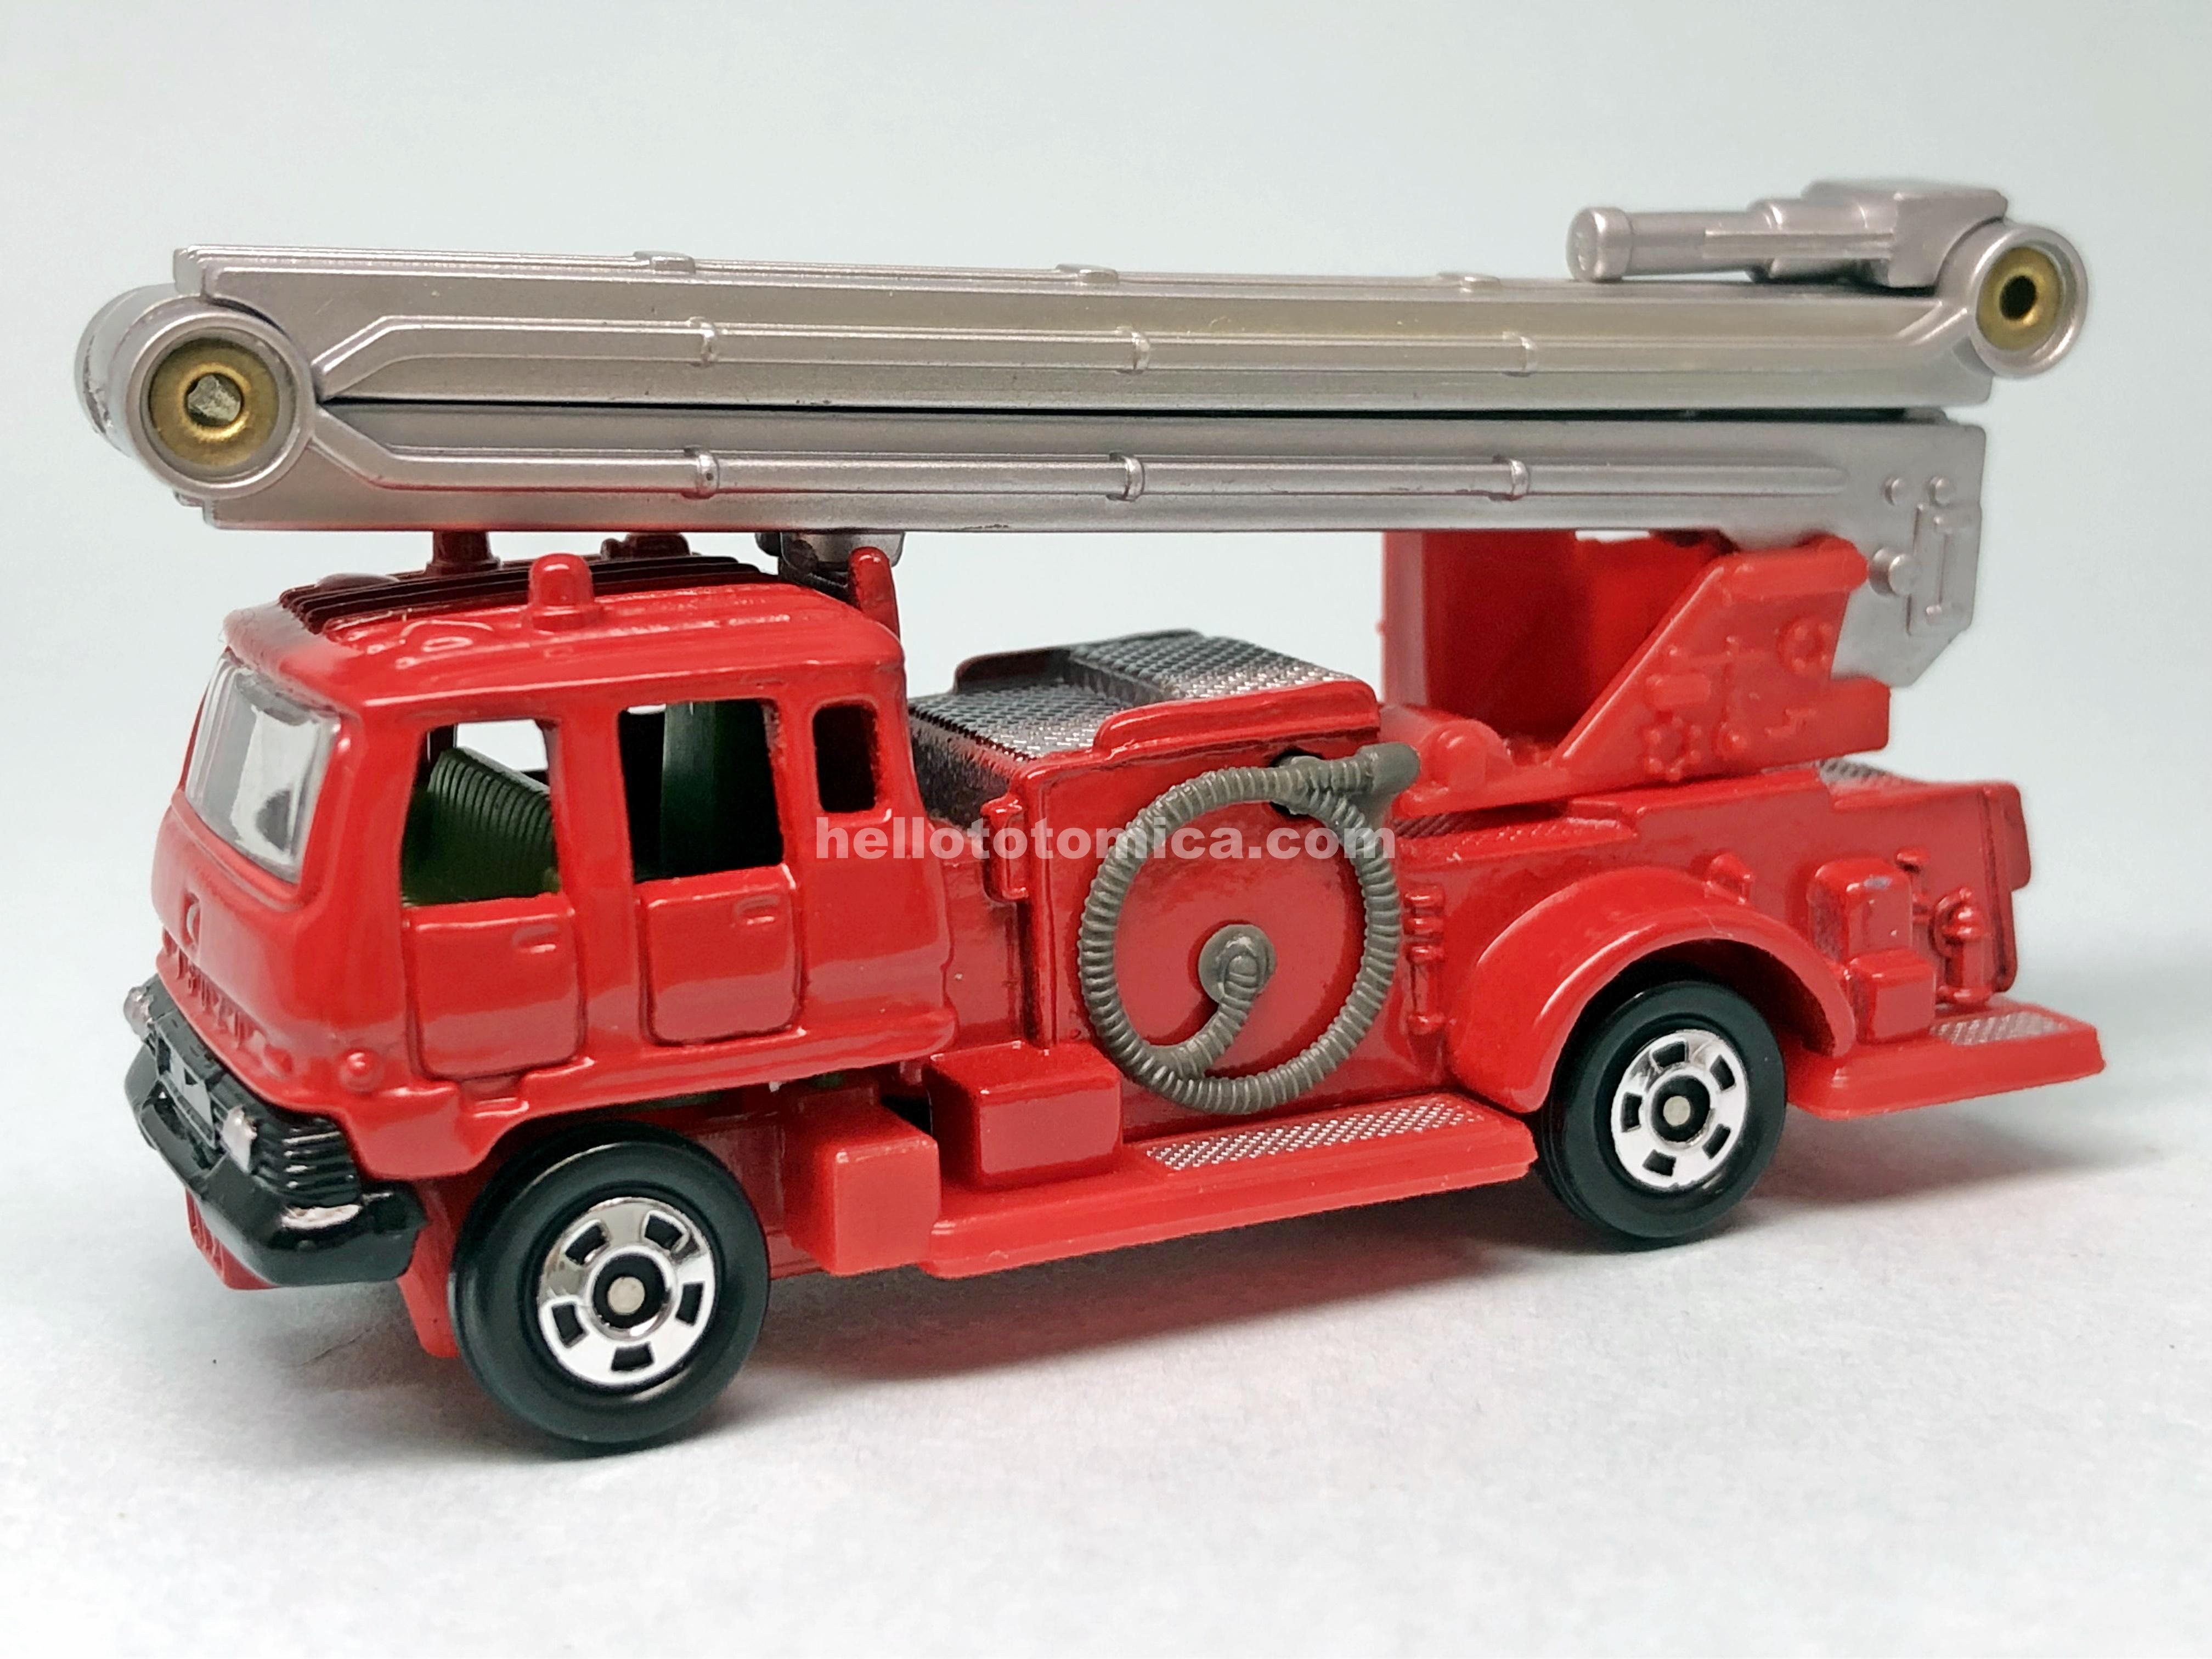 68-2 ISUZU SNORKEL FIRE TRUCK